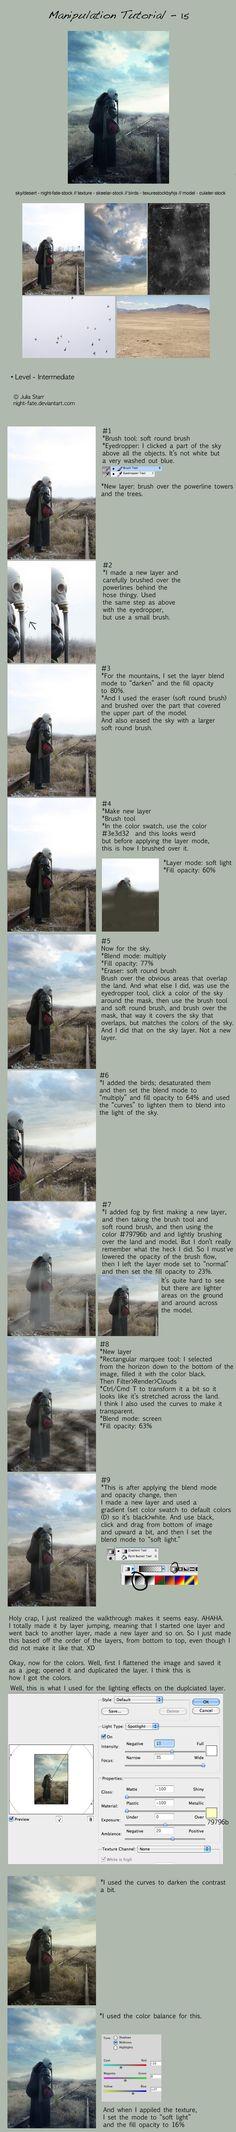 manipulation tutorial - 15 by night-fate.deviantart.com on @deviantART